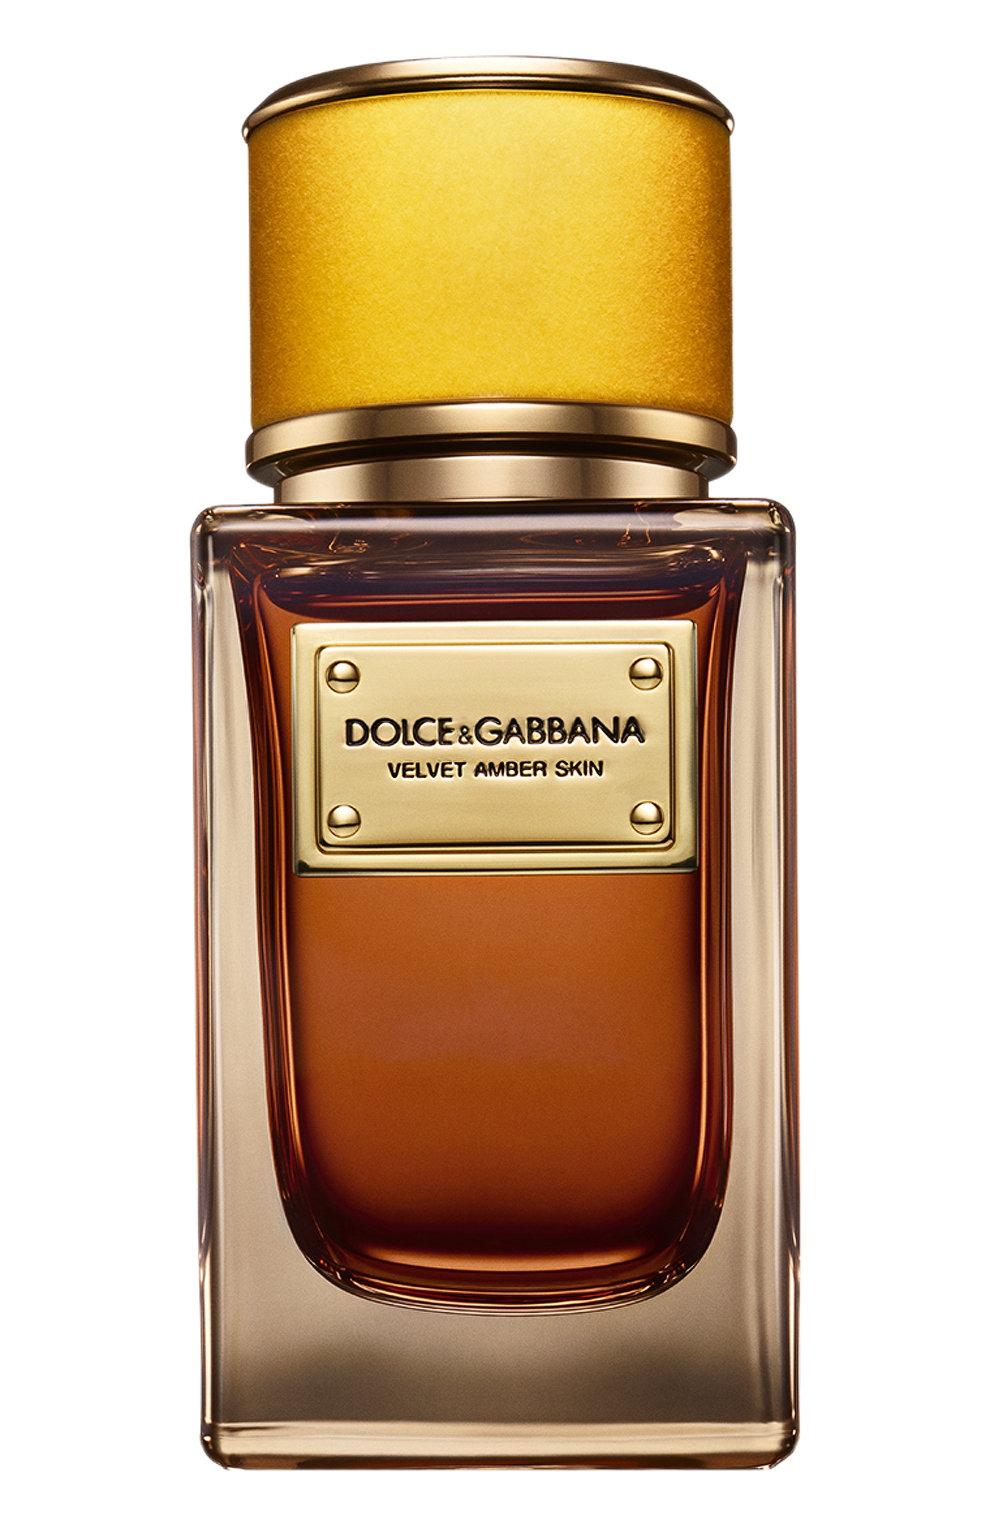 Dolce & Gabbana Velvet Amber Skin